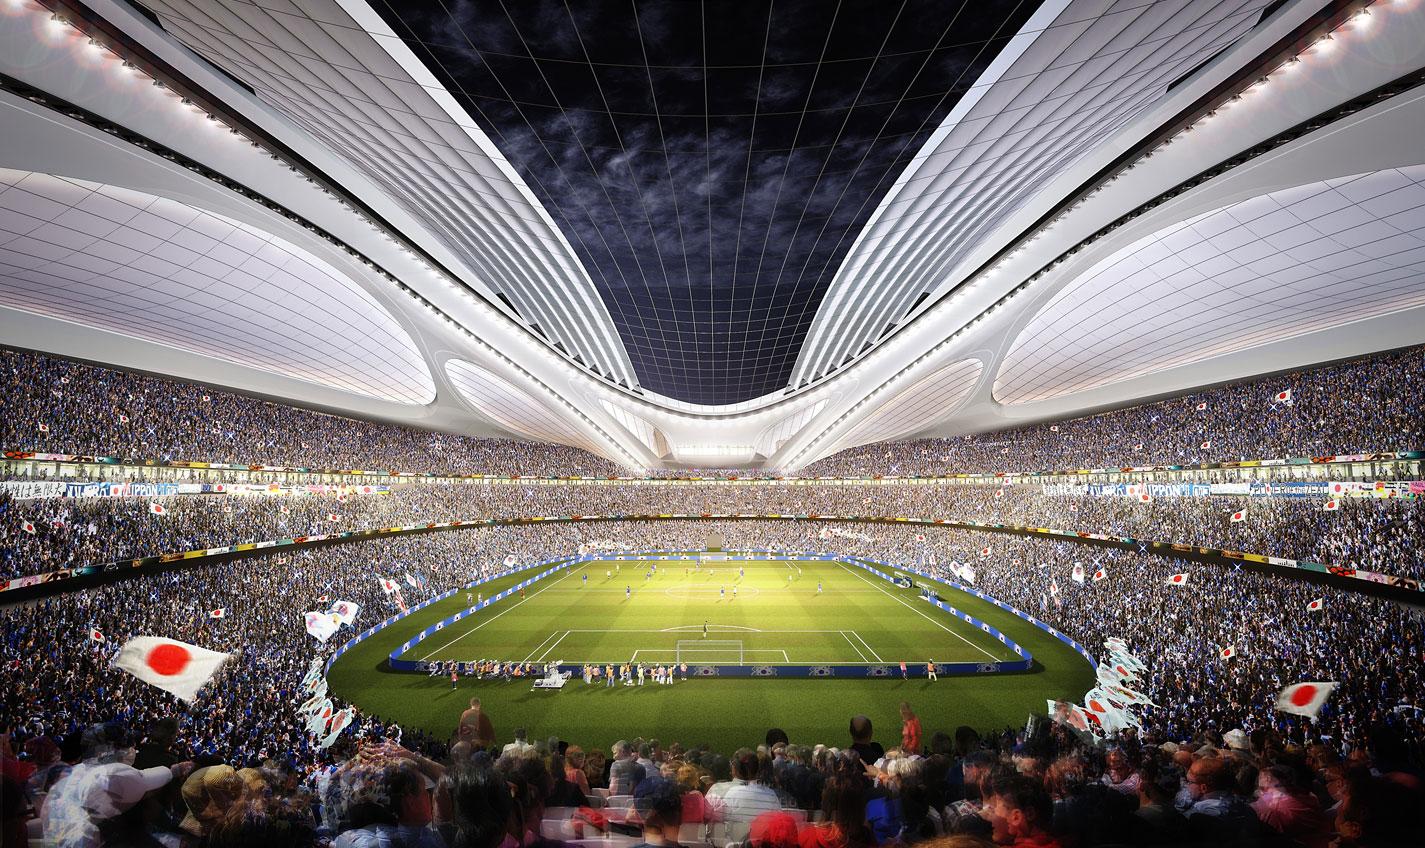 d couvrez le futur stade olympique de tokyo. Black Bedroom Furniture Sets. Home Design Ideas